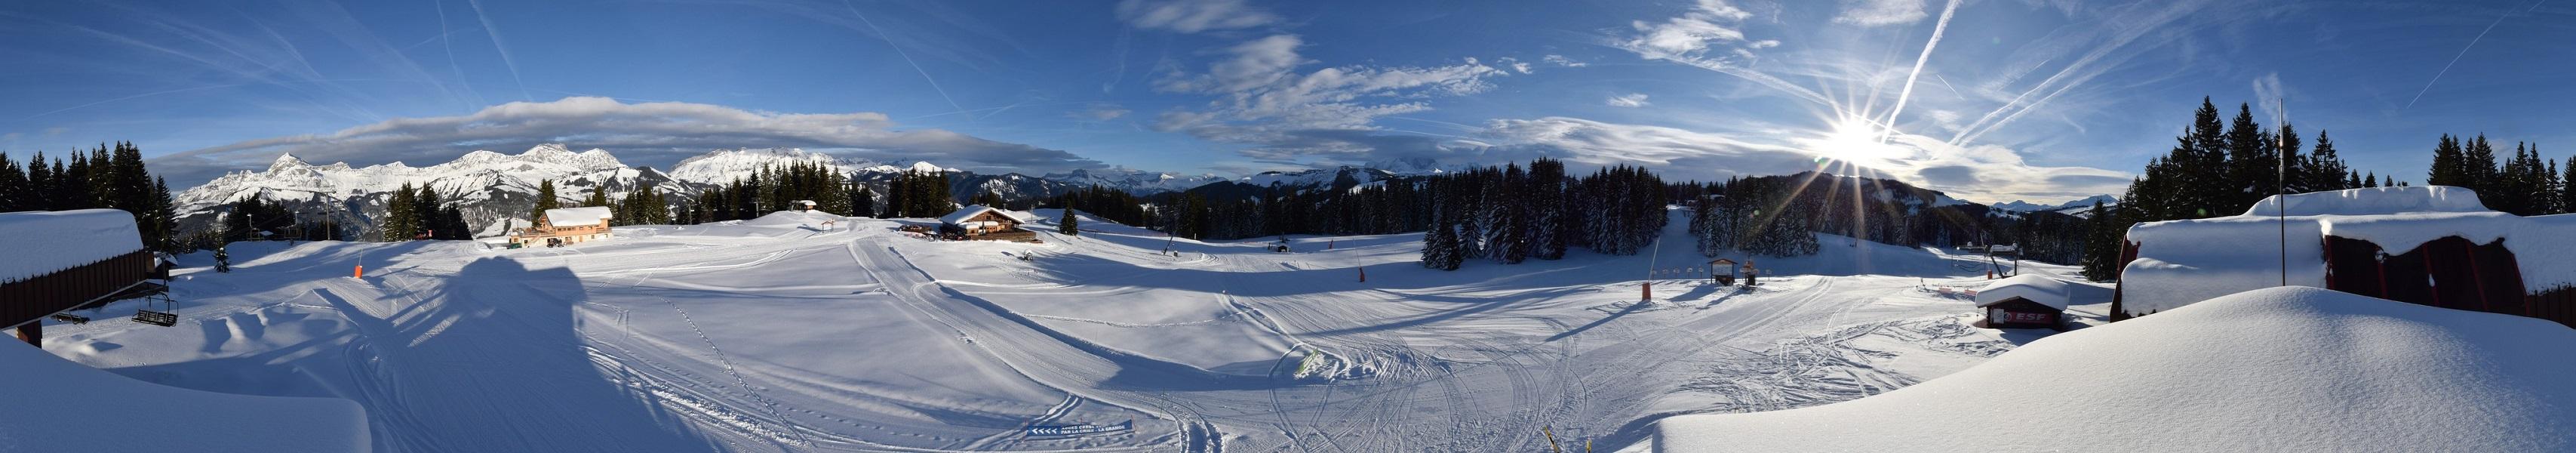 400 mètres plus haut, au sommet du Lachat, également prêt à recevoir les skieurs